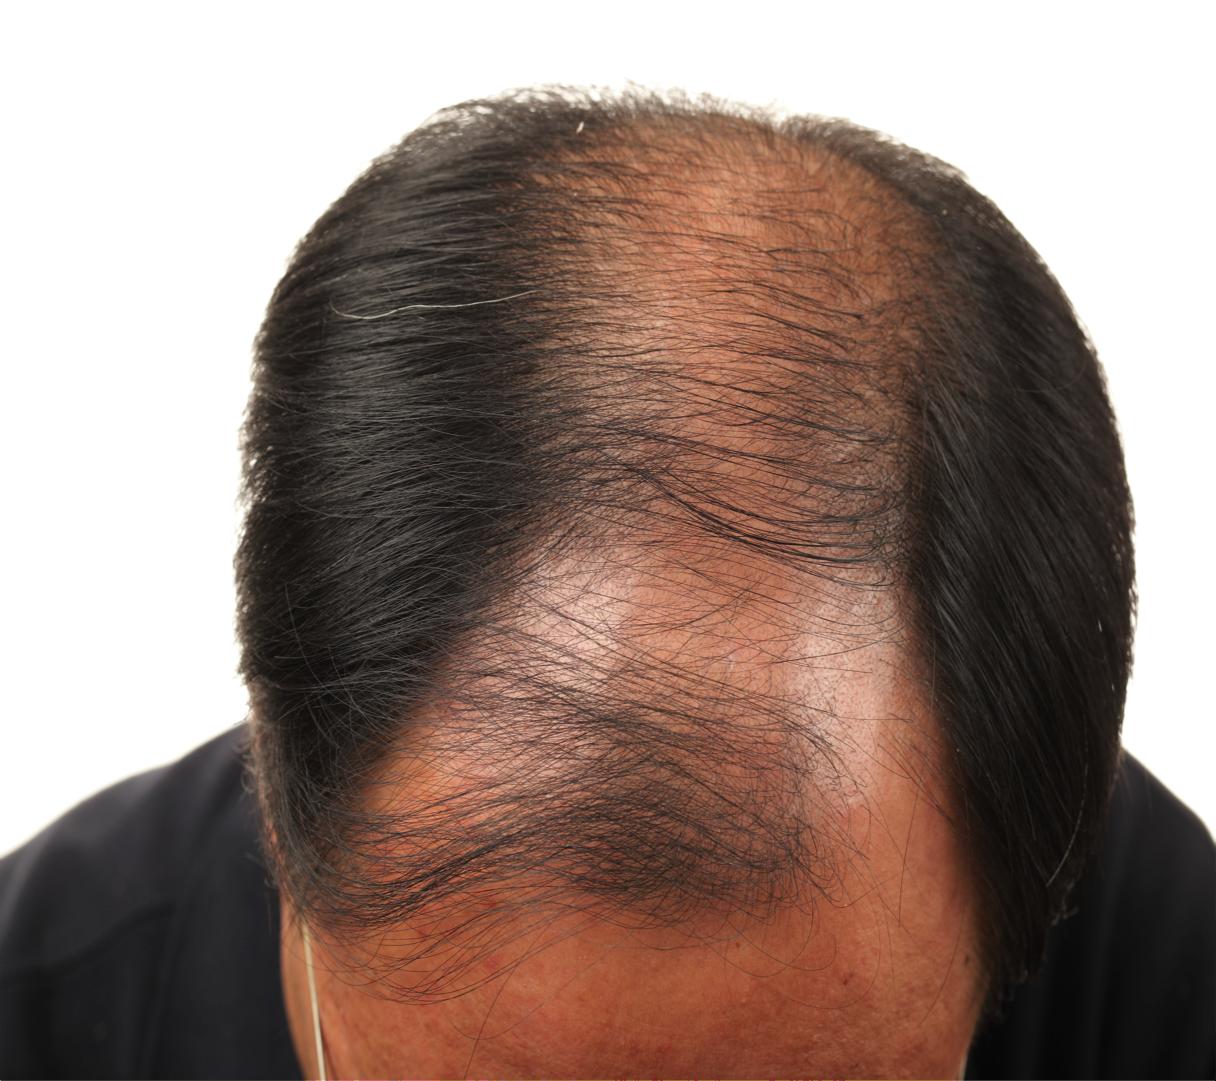 bald indian man.png